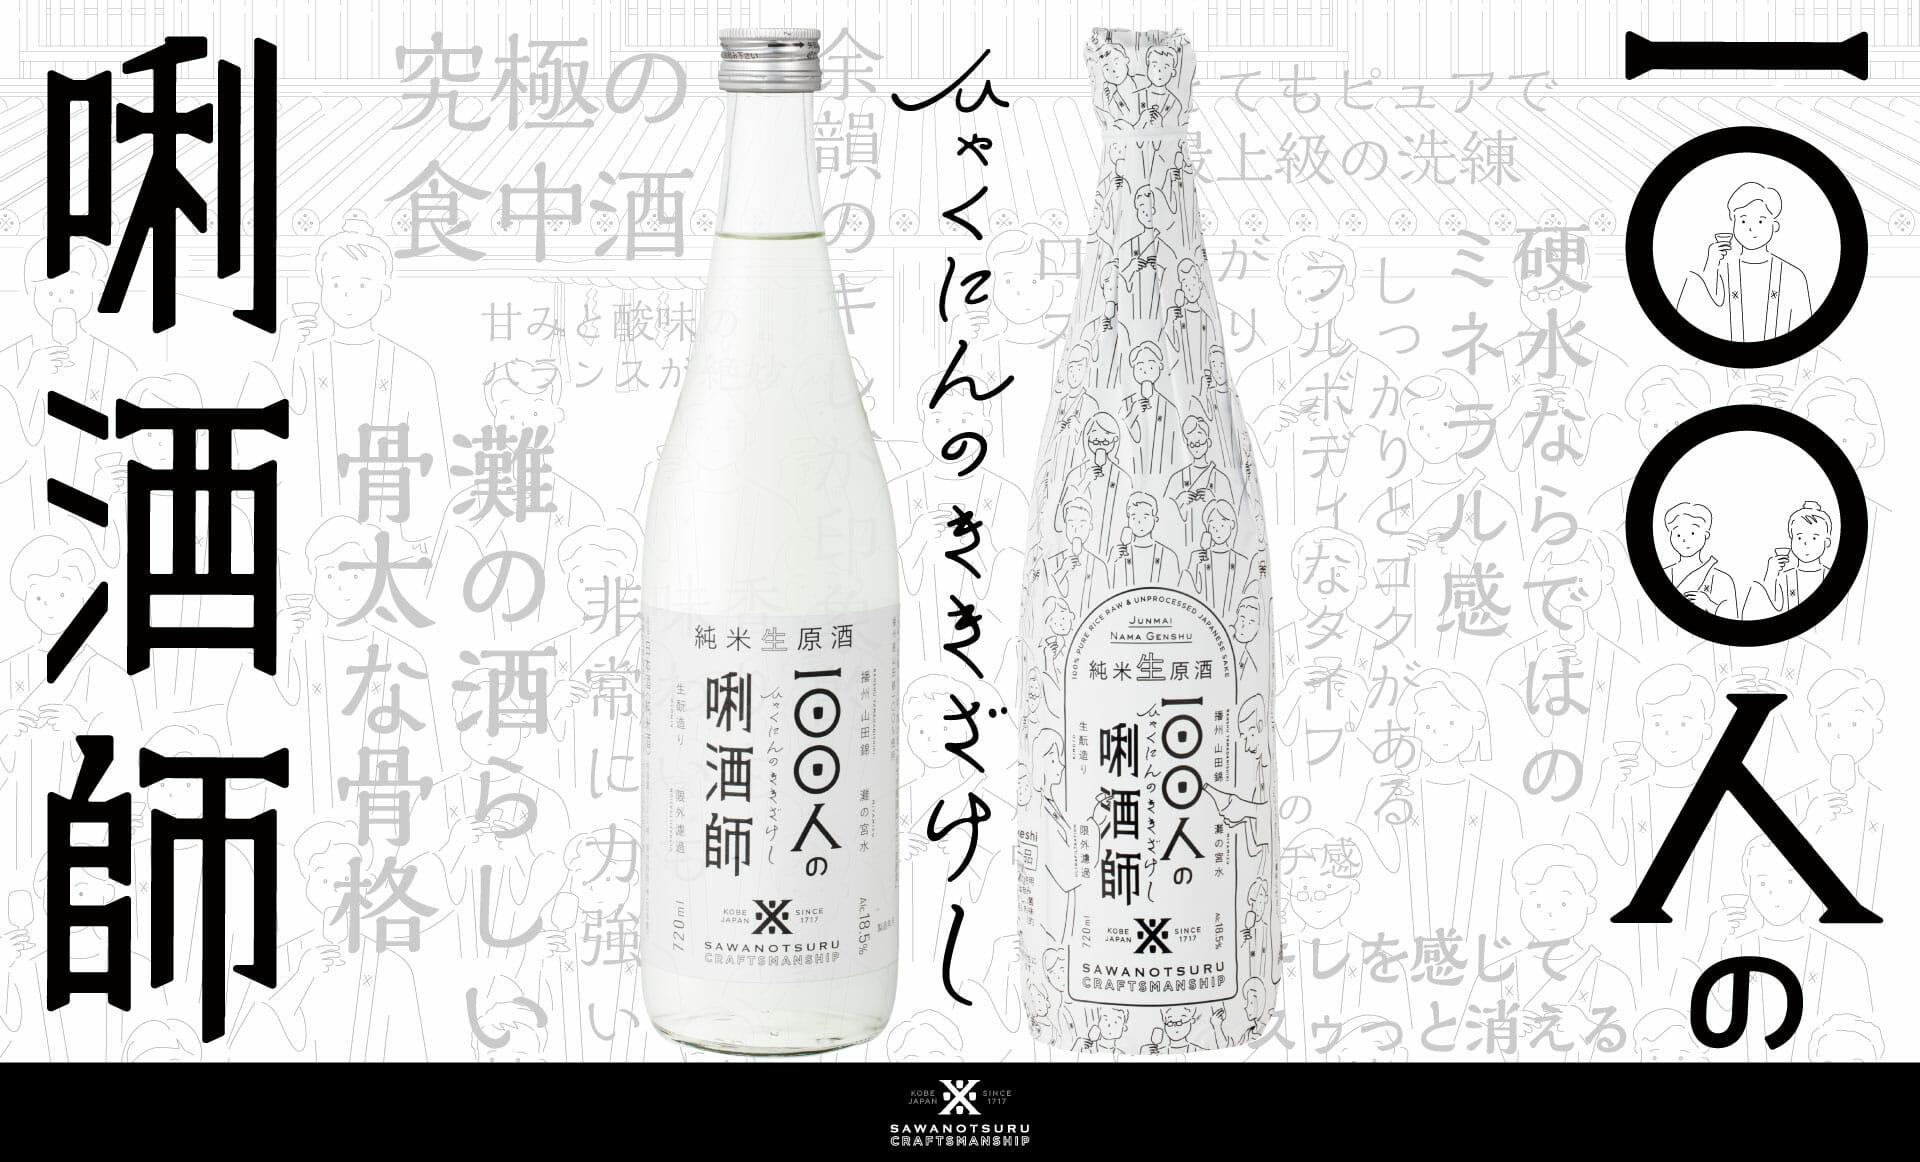 沢の鶴「100人の唎酒師」サイトデザイン